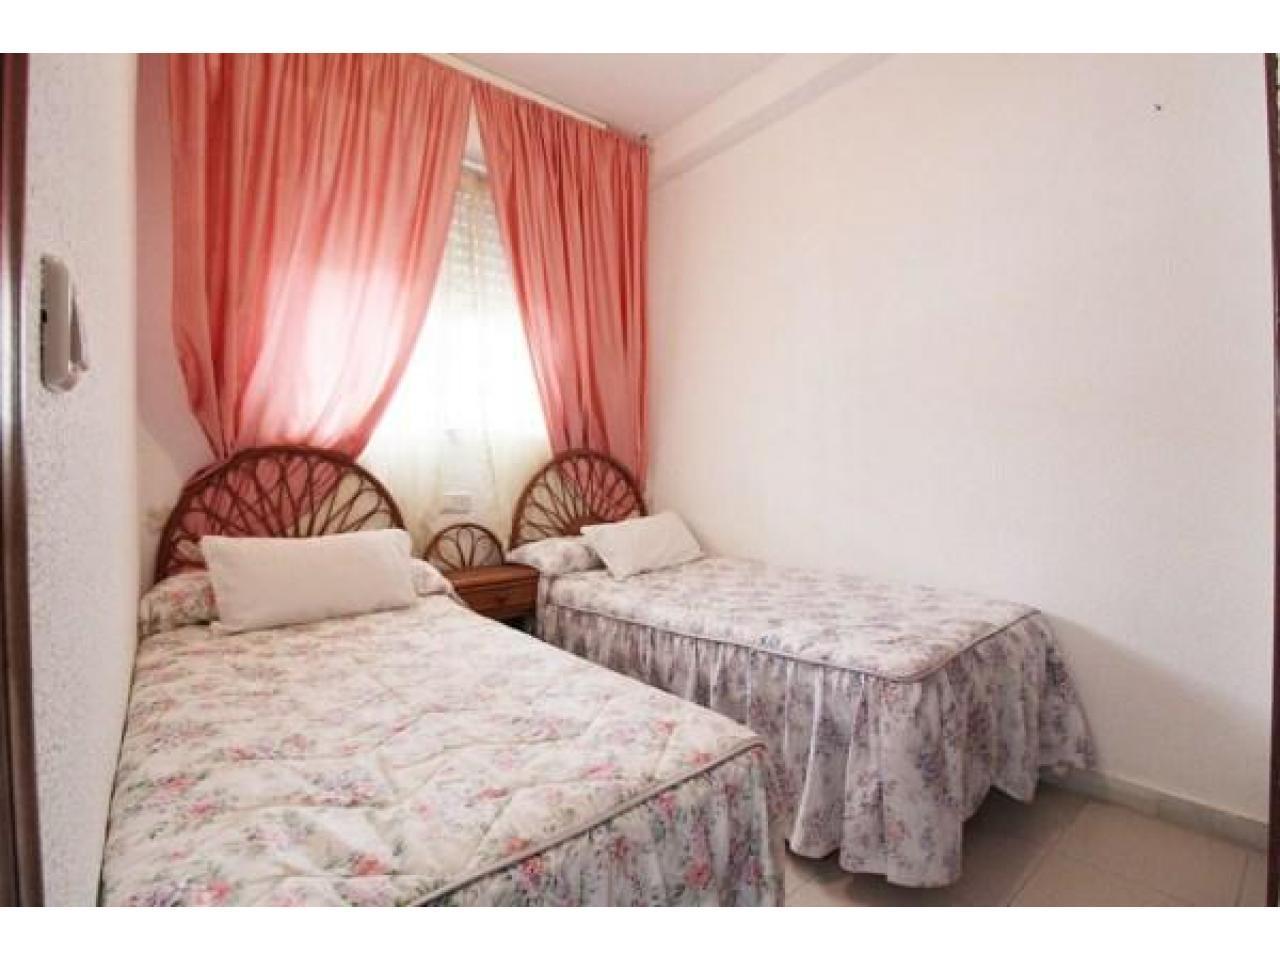 Недвижимость в Испании, Квартира с видами на море в Ла Мата,Коста Бланка,Испания - 5